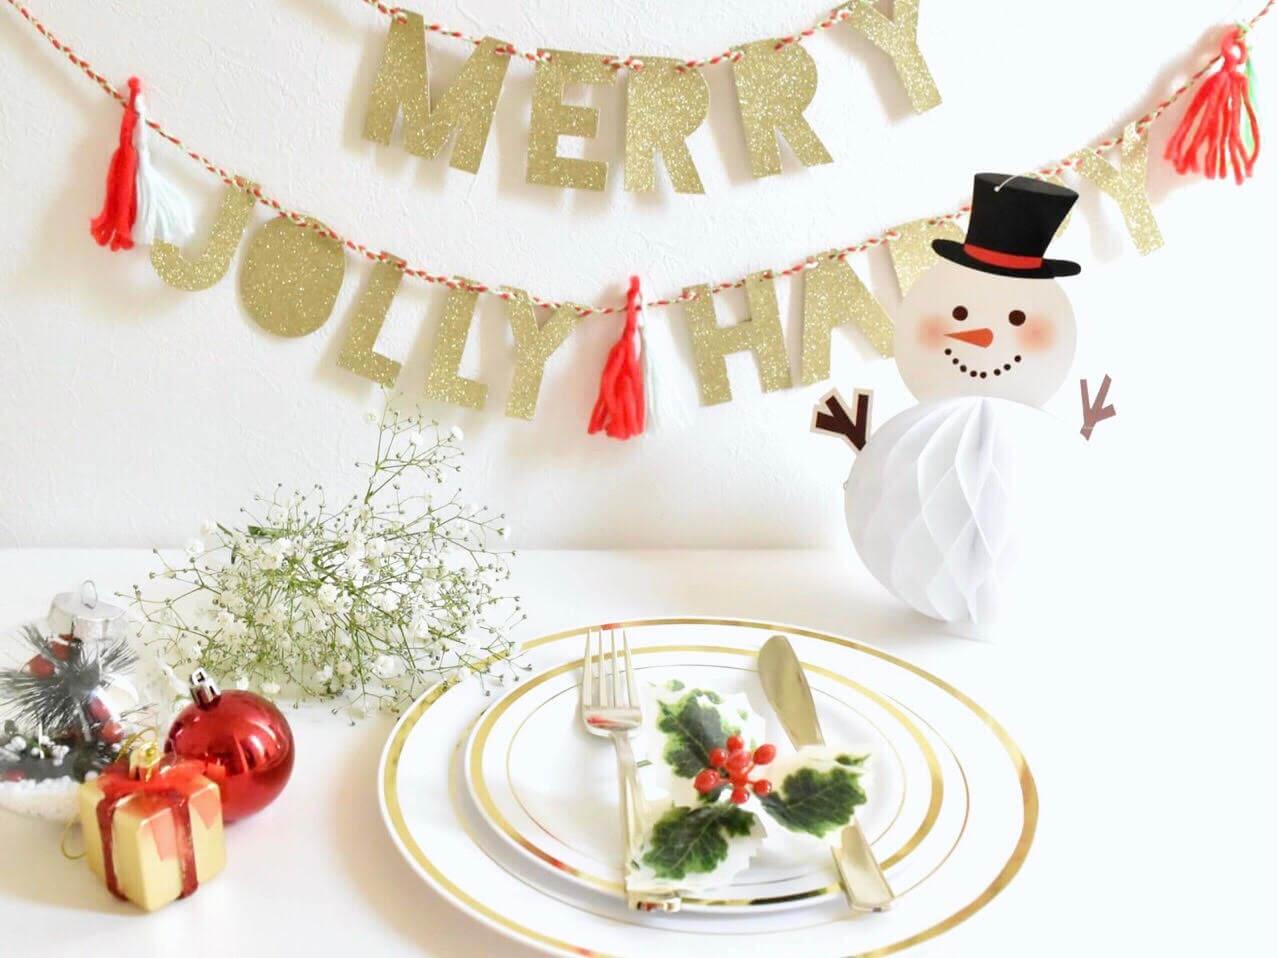 ARK HILLS CHRISTMAS 2018: Towering Fir Christmas Tree, Christmas ...